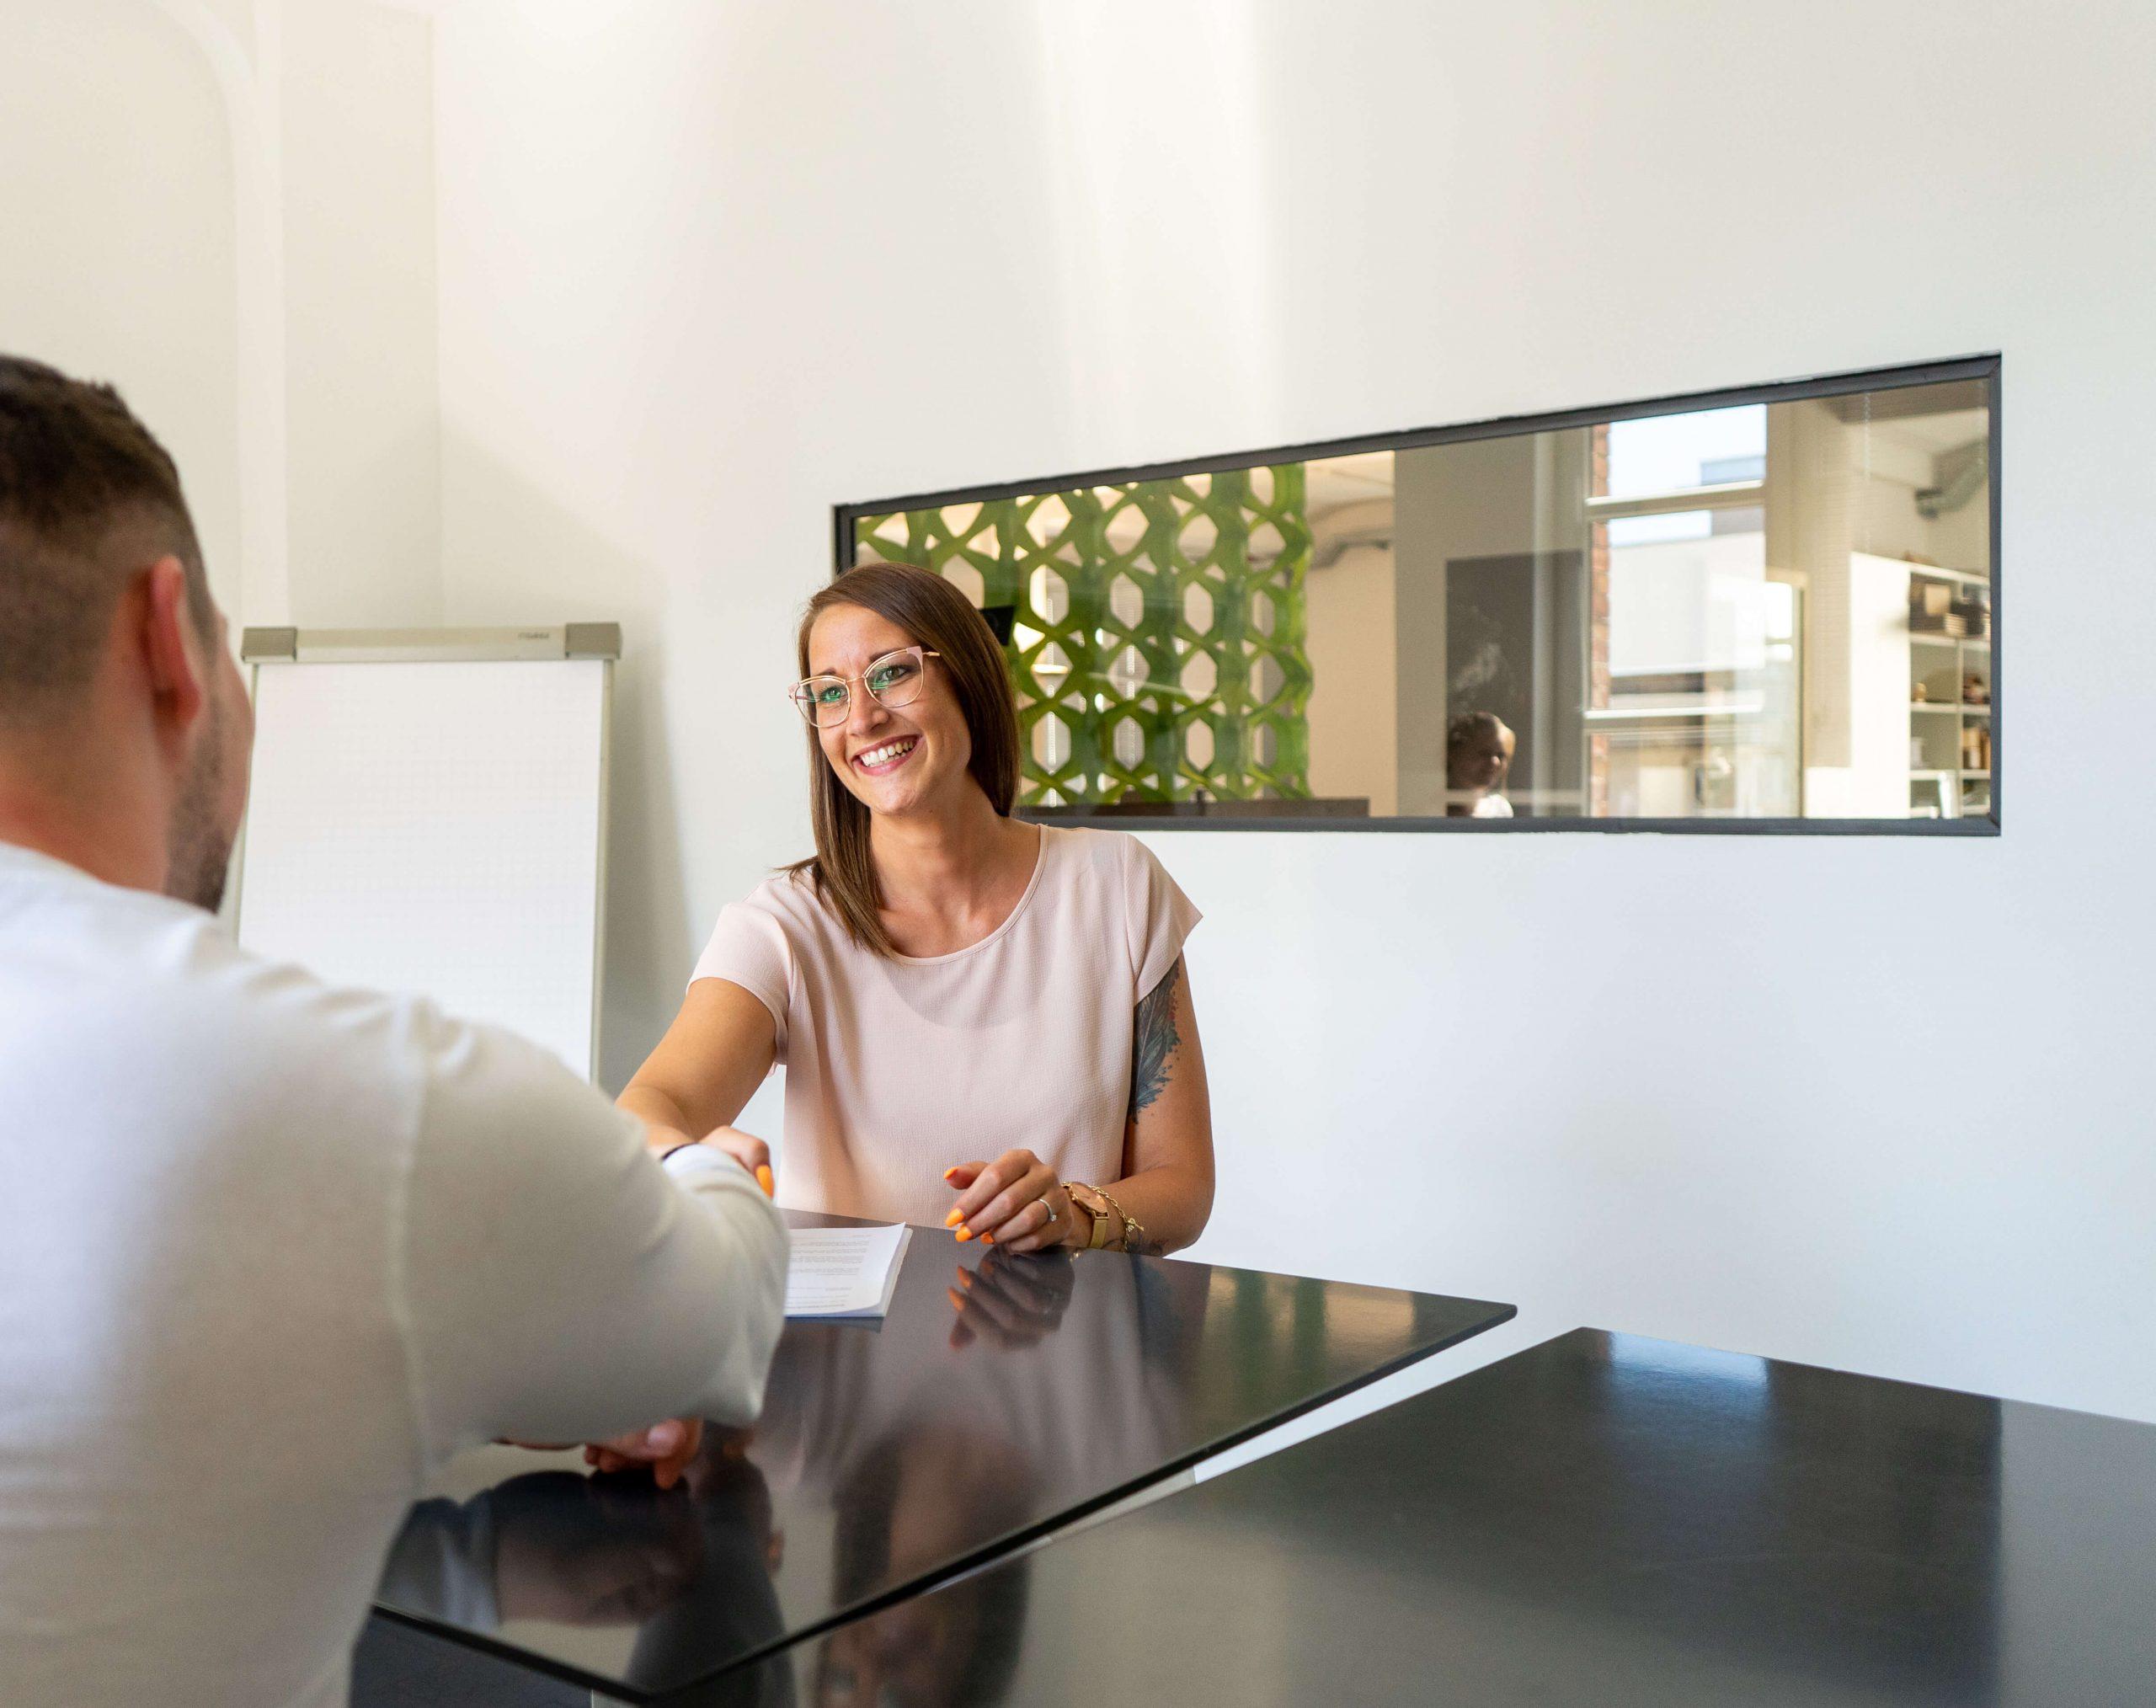 Eine Personalerin spricht mit einem Merchandiser und schüttelt seine Hand